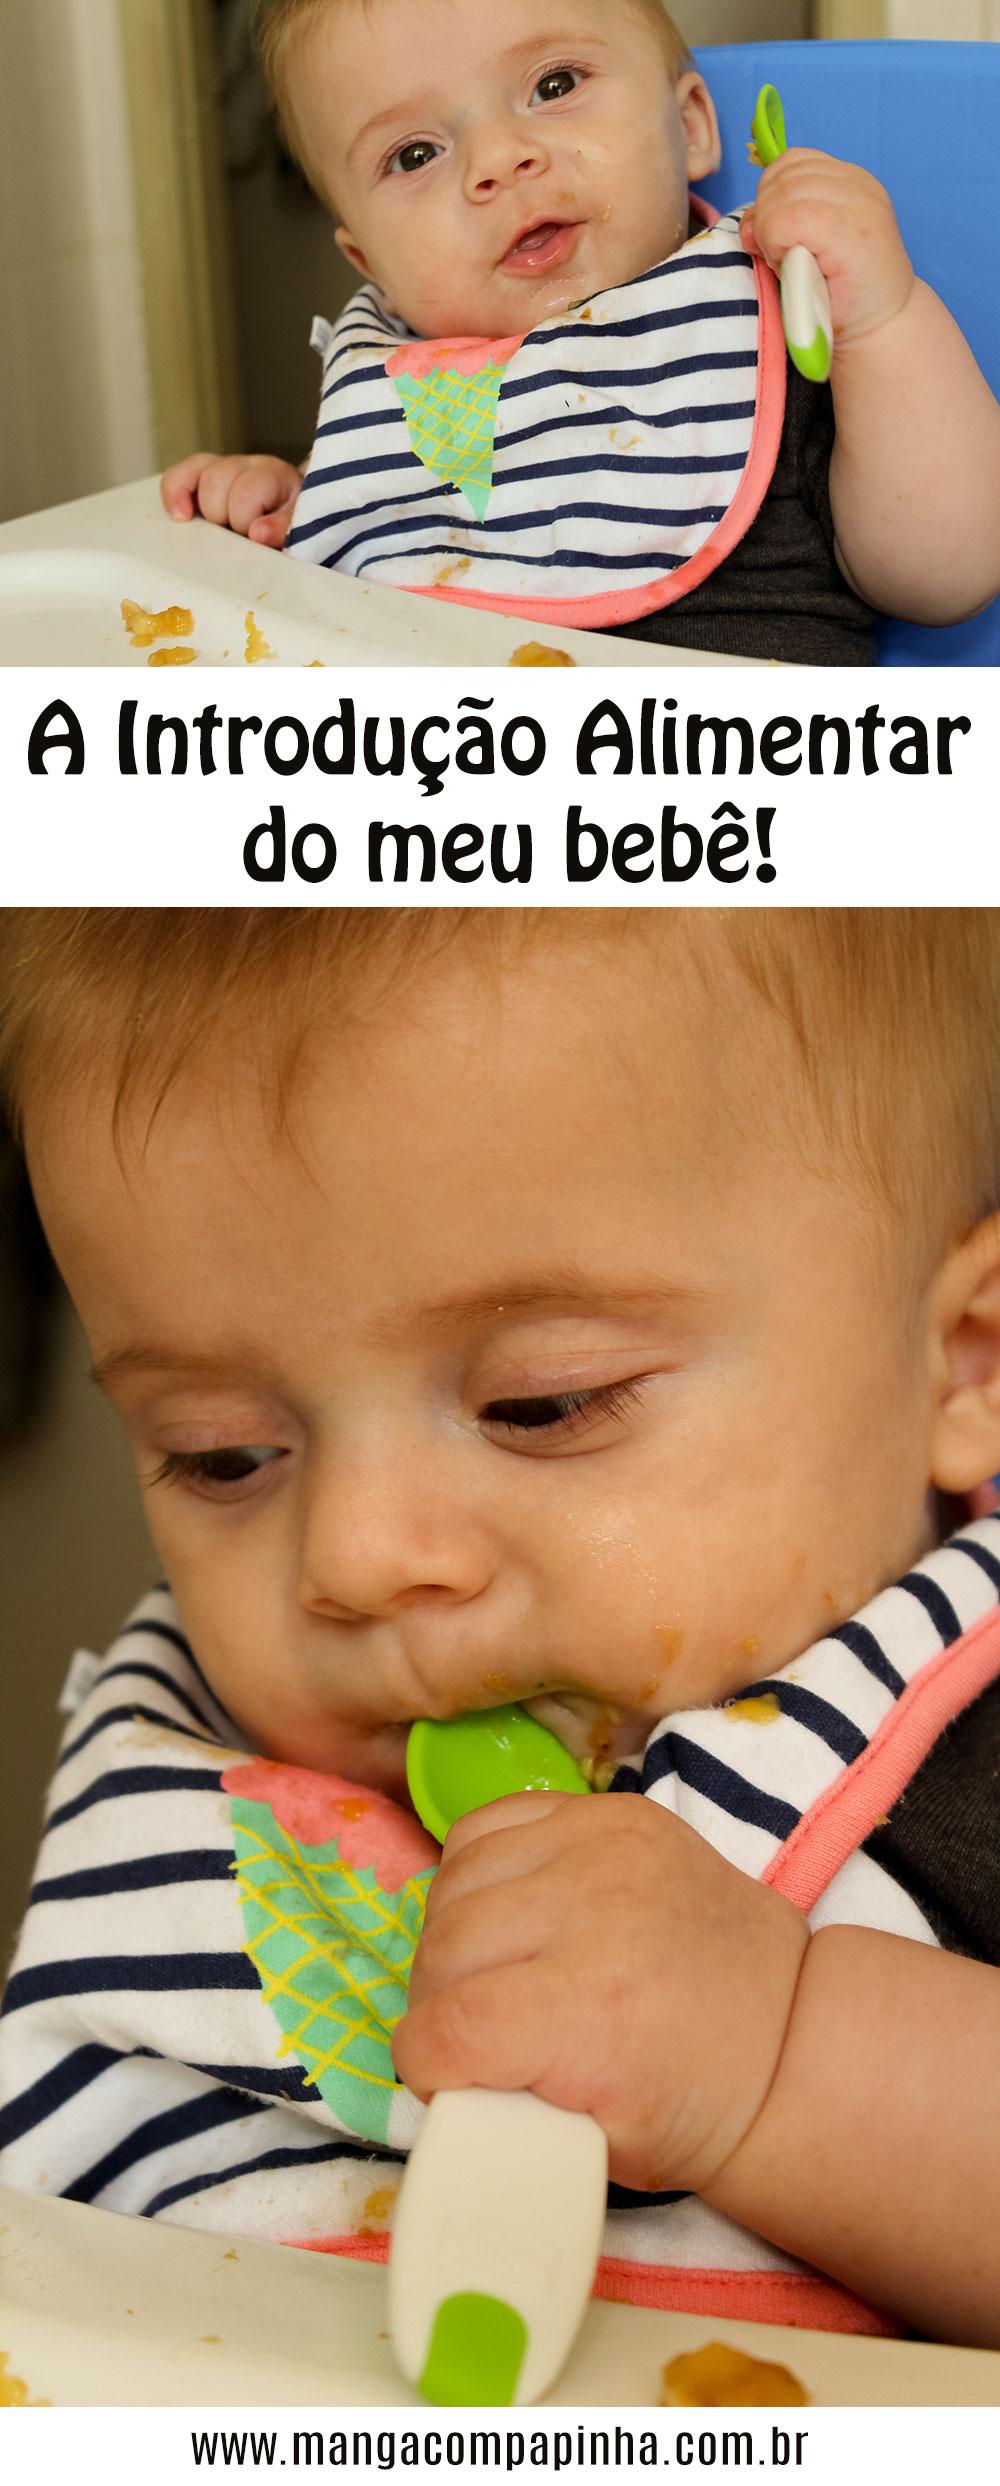 A Introdução Alimentar do meu bebê!